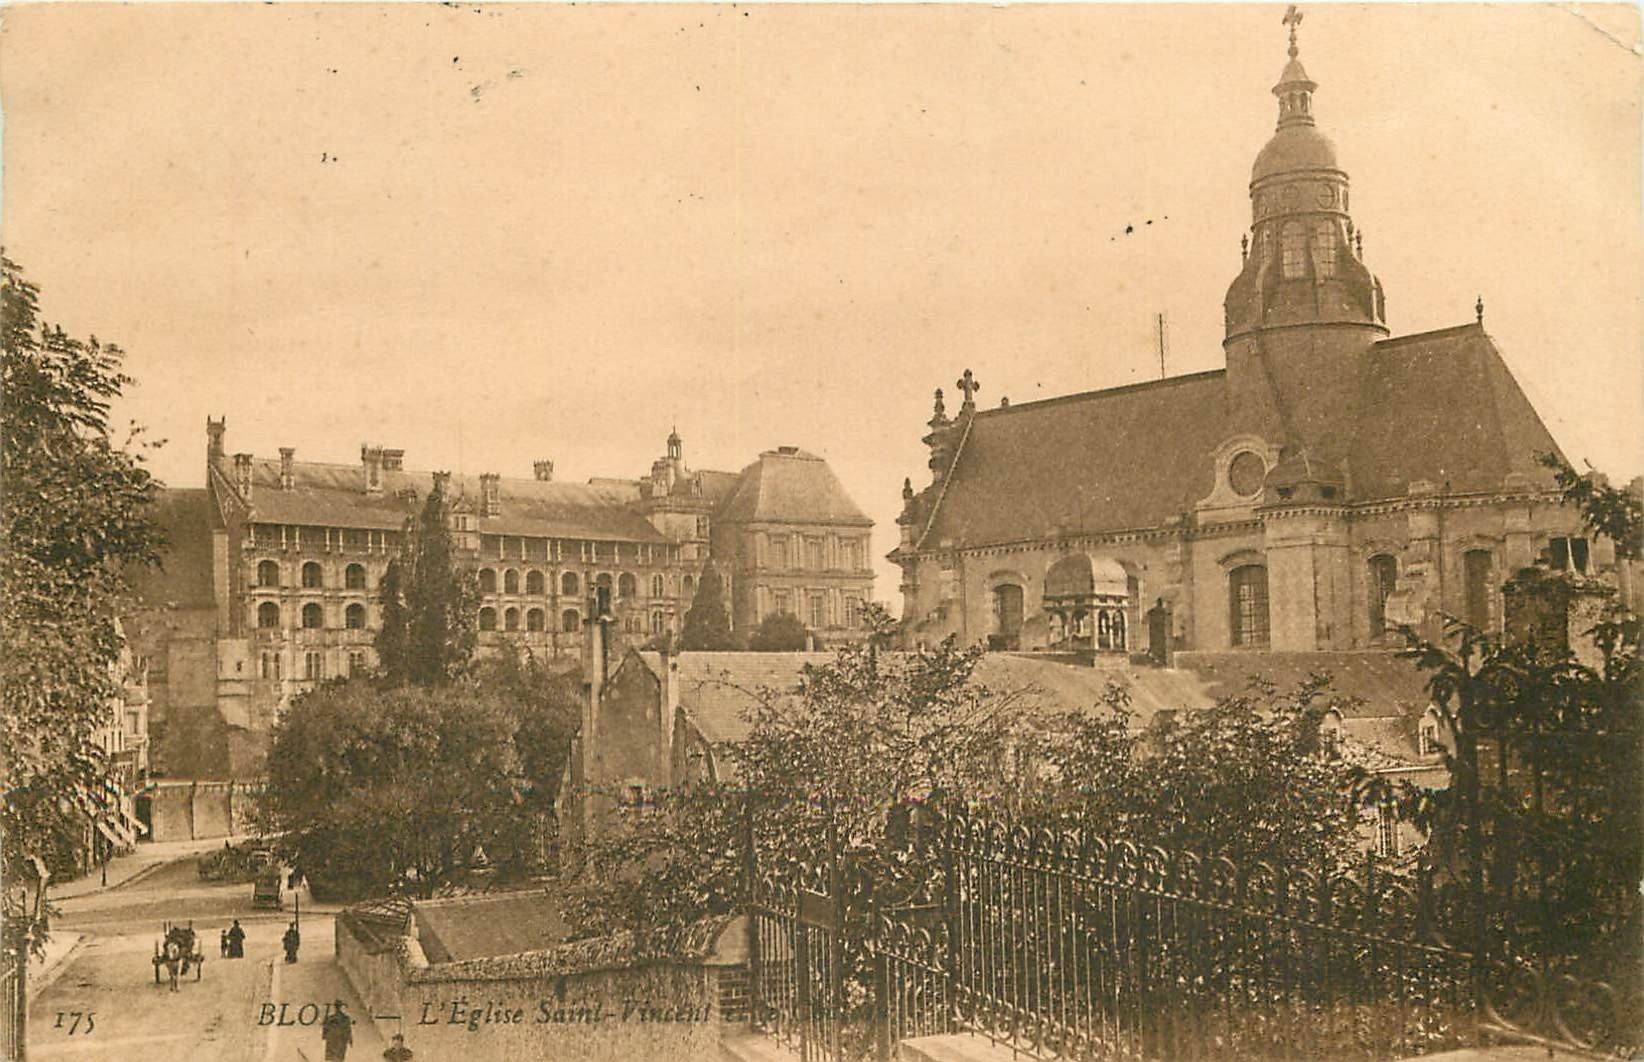 41 BLOIS. Eglise Saint-Vincent 1909